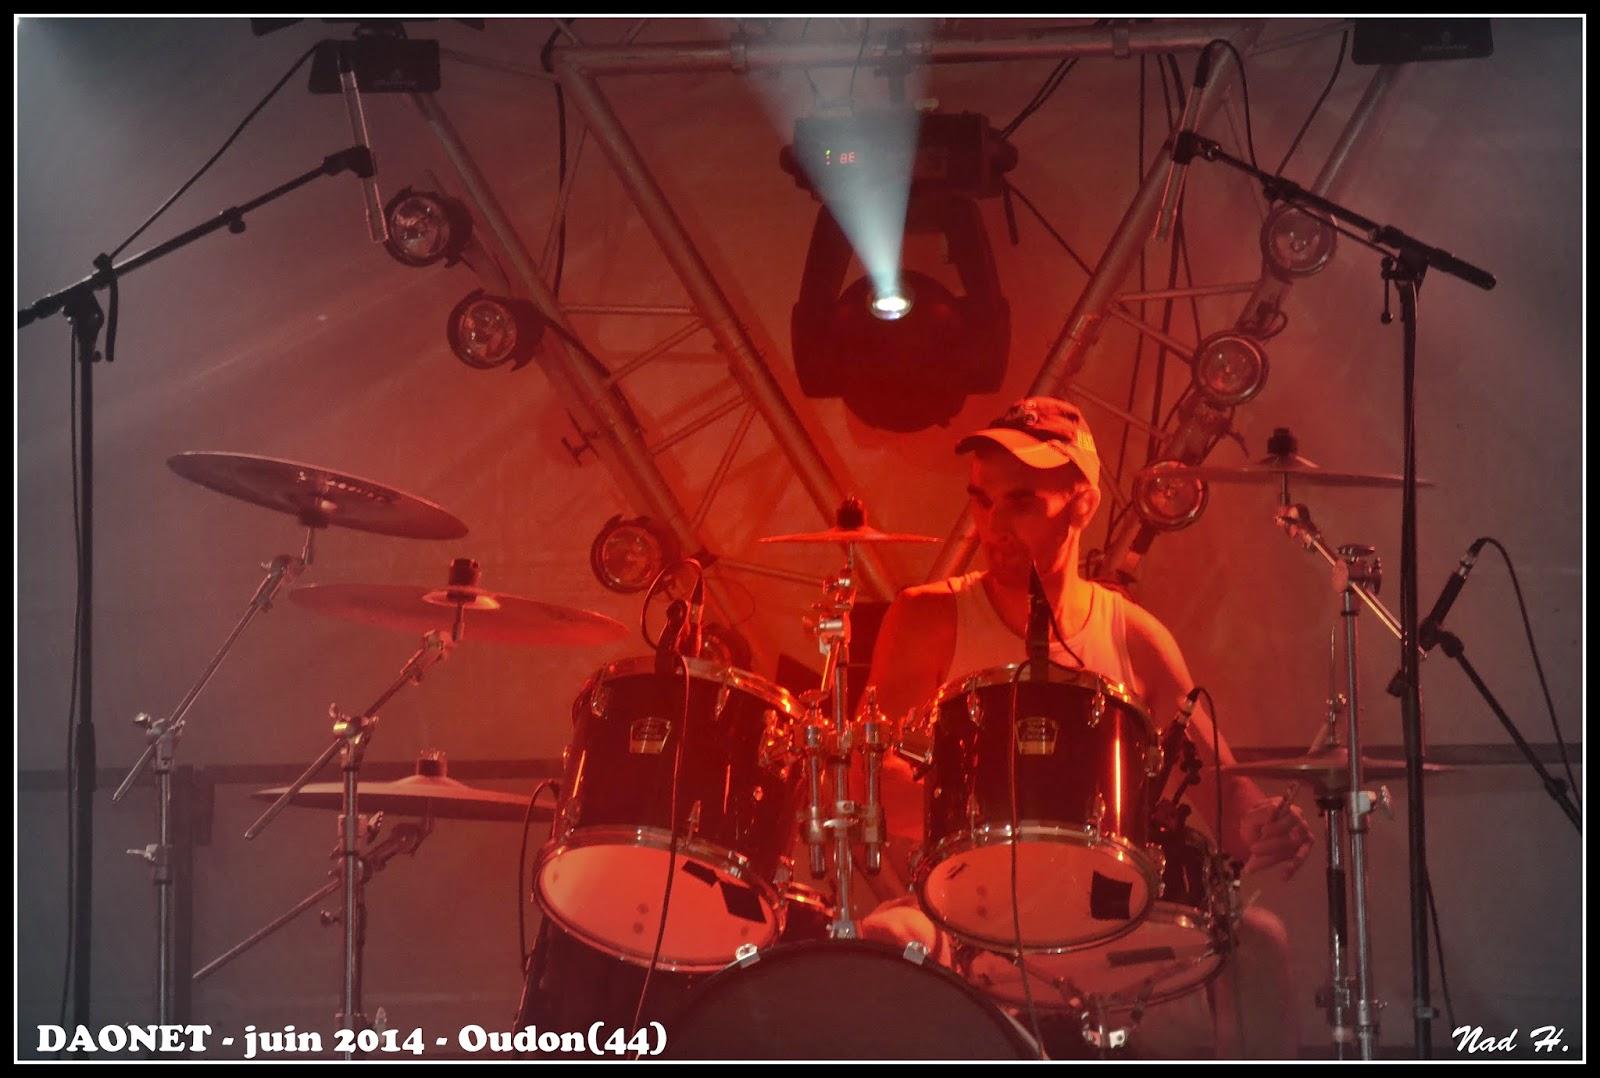 Daonet - Rock breton fête de la musique 2014 Oudon - Hervé